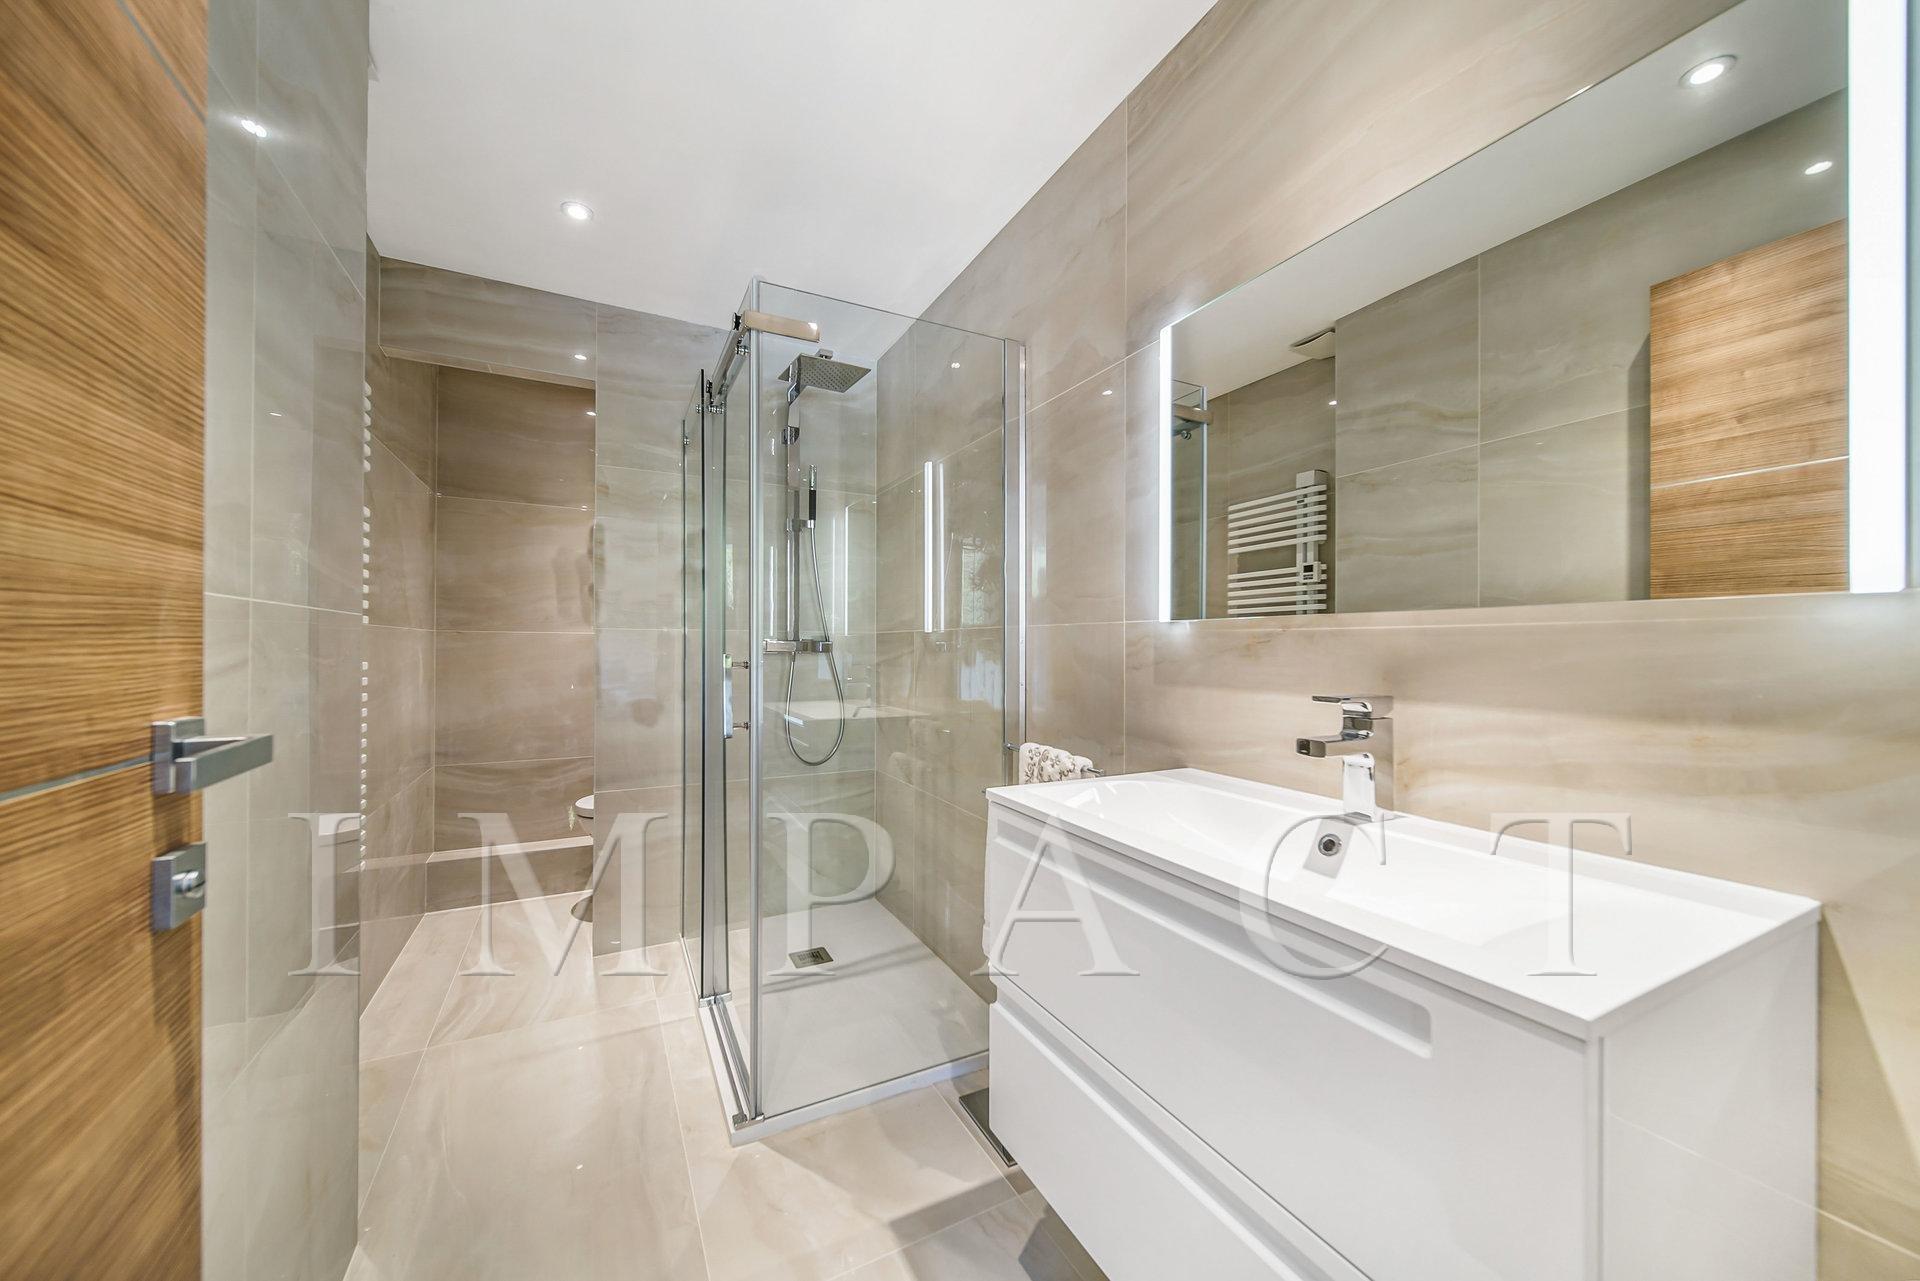 Magnifique appartement à louer, entièrement rénové, sur la Californie, Cannes.